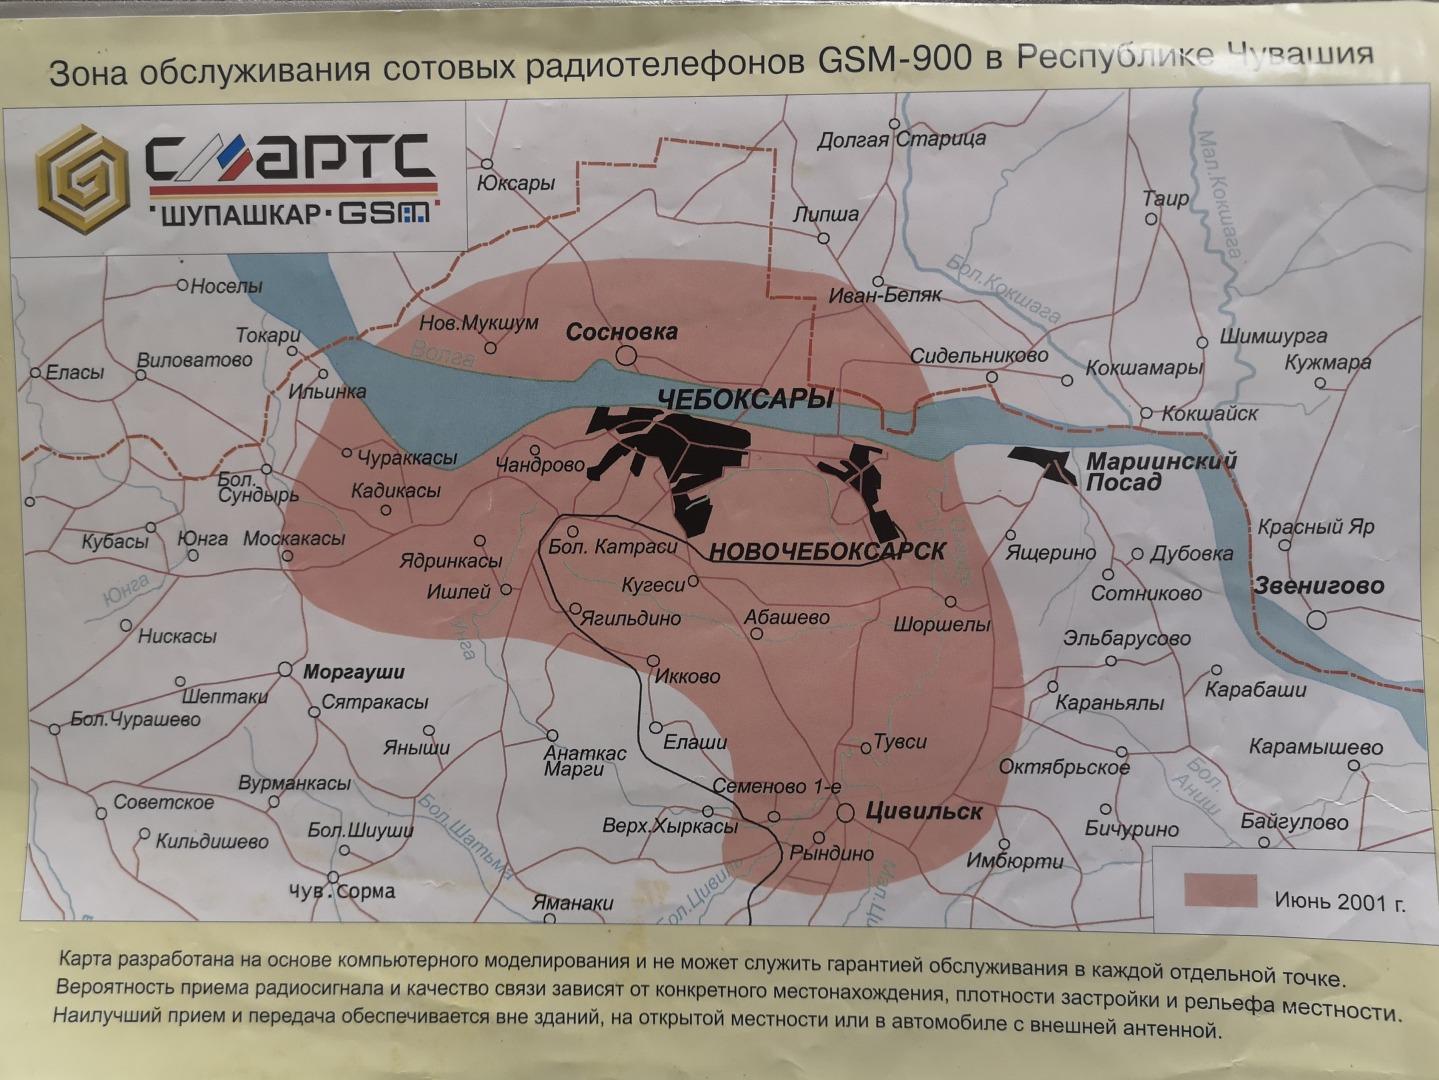 Зона обслуживания сотовых телефонов Шупашкар-GSM, июнь 2001 года